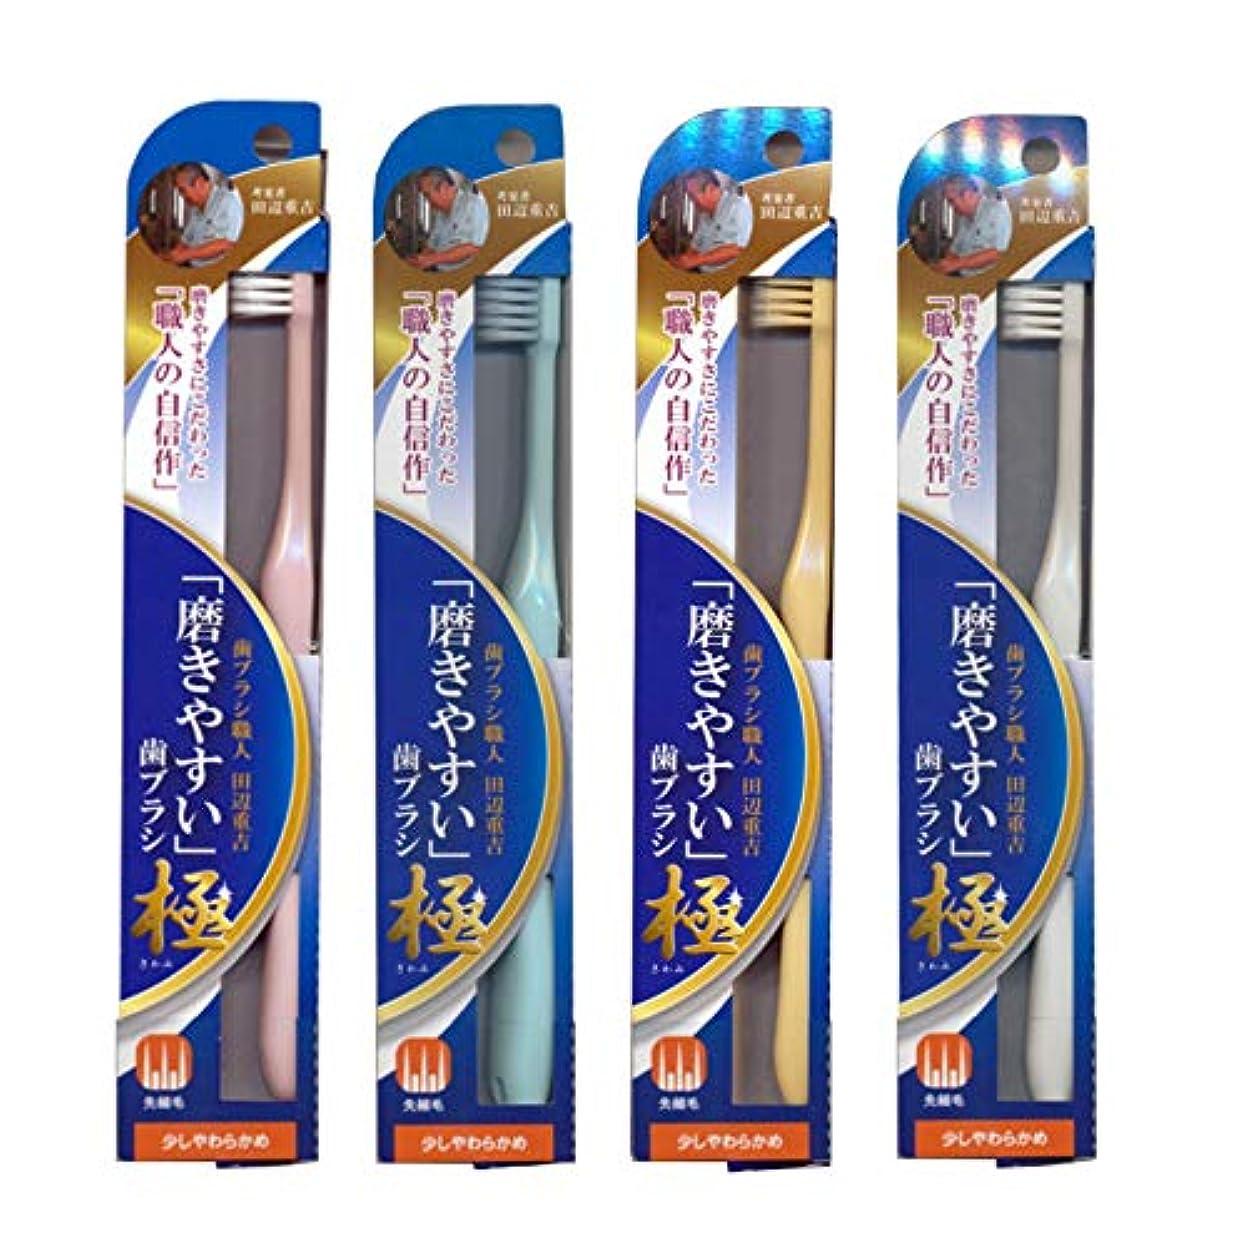 アリス宇宙寛容磨きやすい歯ブラシ極 (少し柔らかめ) LT-43×12本セット(ピンク×3、ブルー×3、ホワイト×3、イエロー×3) 先細毛